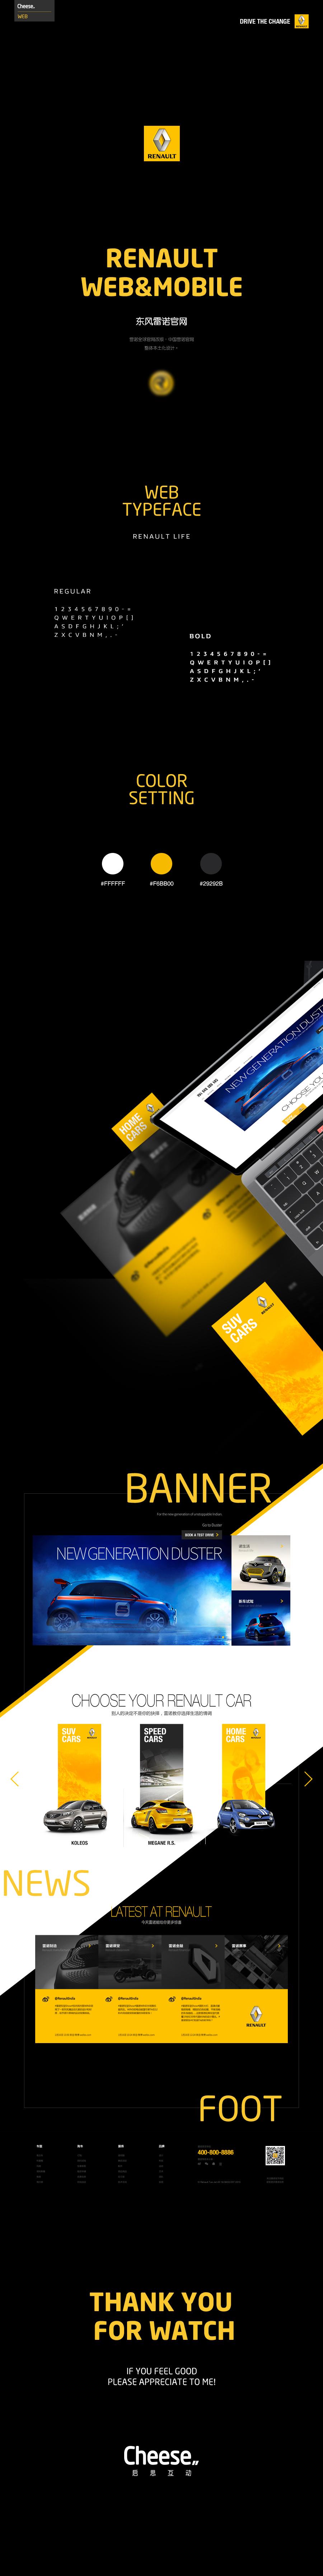 查看《Renault官网页面设计》原图,原图尺寸:900x7188